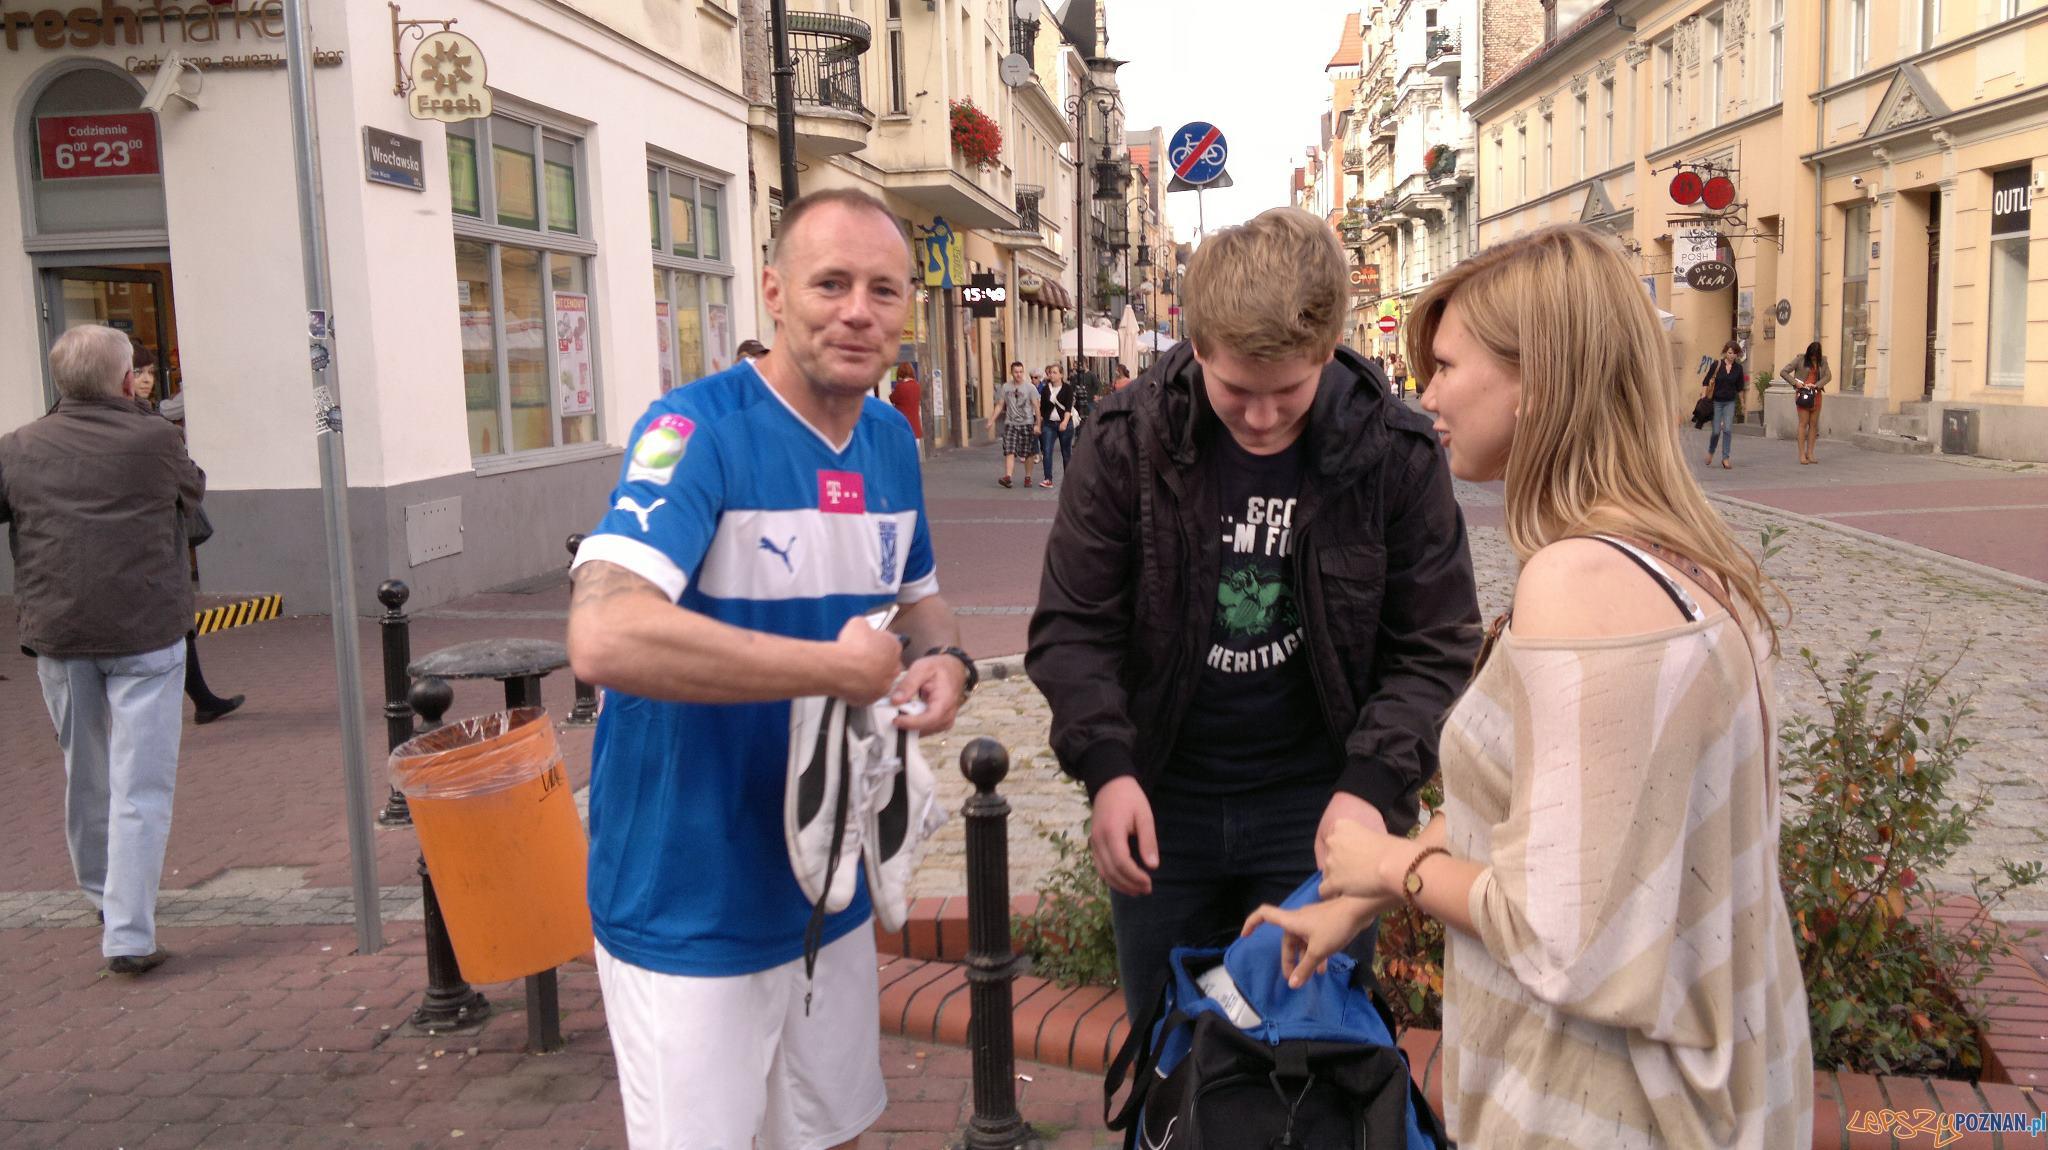 Lech na mieście - Piotr Reiss na Wrocławskiej  Foto: lepszyPOZNAN.pl / gsm